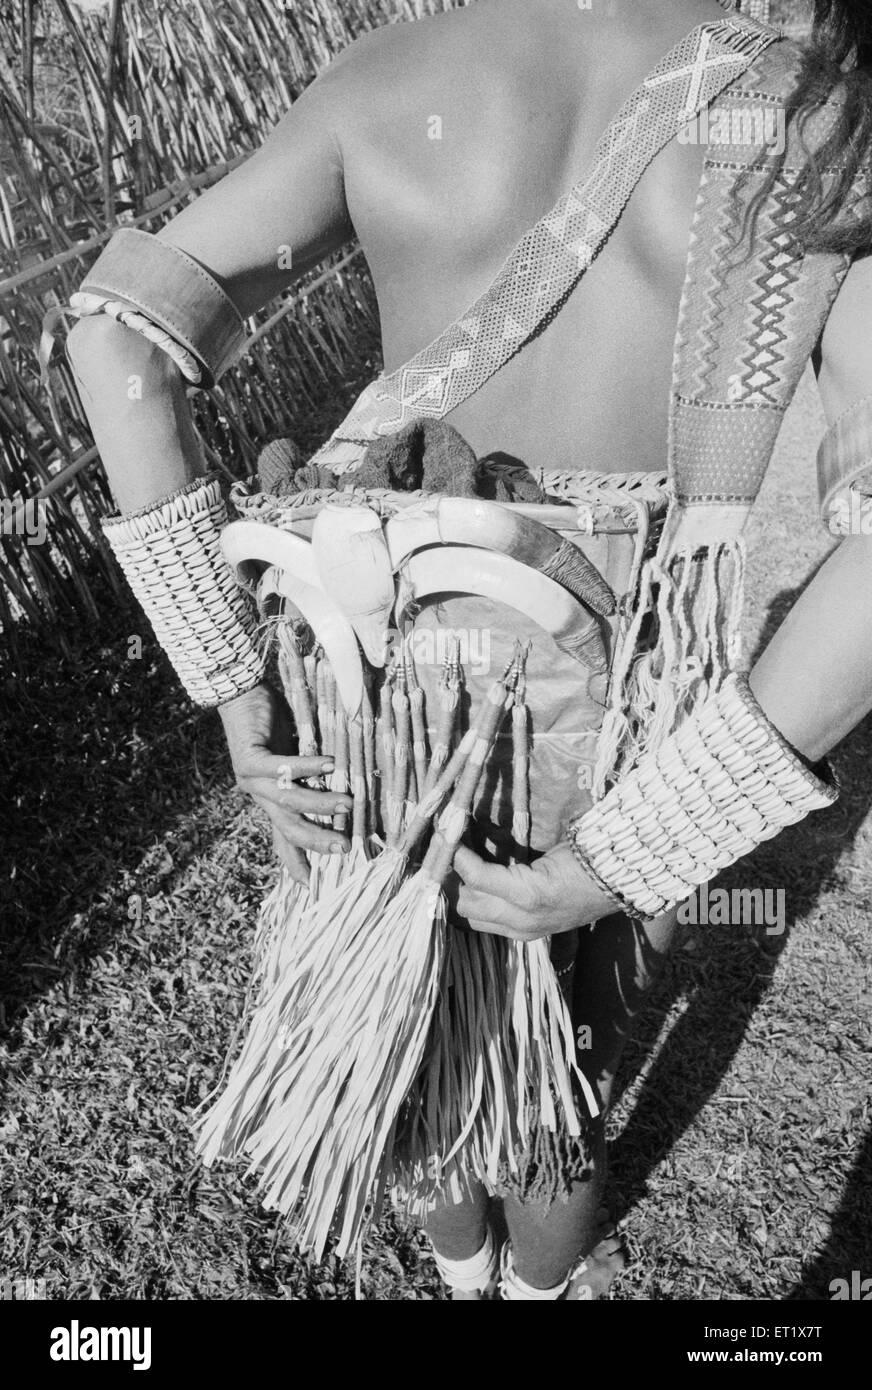 Nocte tribesman torna ornato ; Arunachal Pradesh ; India 1982 Immagini Stock